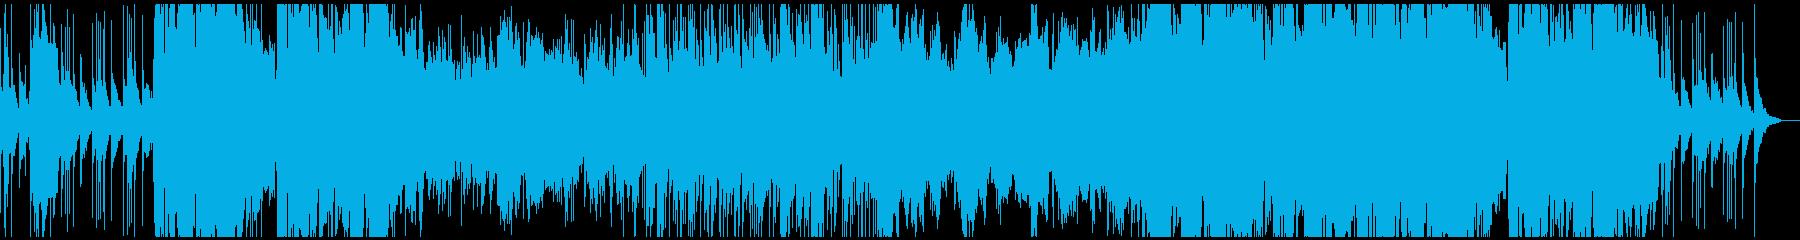 ファンタジーゲーム(RPG)城の曲の再生済みの波形